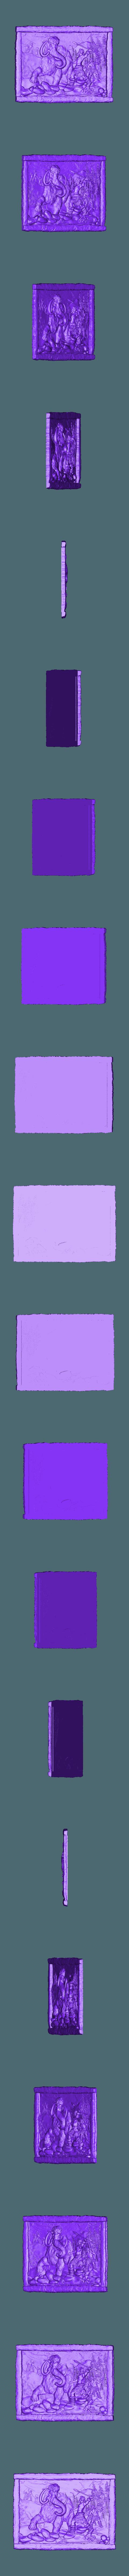 1.stl Télécharger fichier STL gratuit grotte homme des cavernes mammouth cnc art hunt frame • Plan à imprimer en 3D, CNC_file_and_3D_Printing